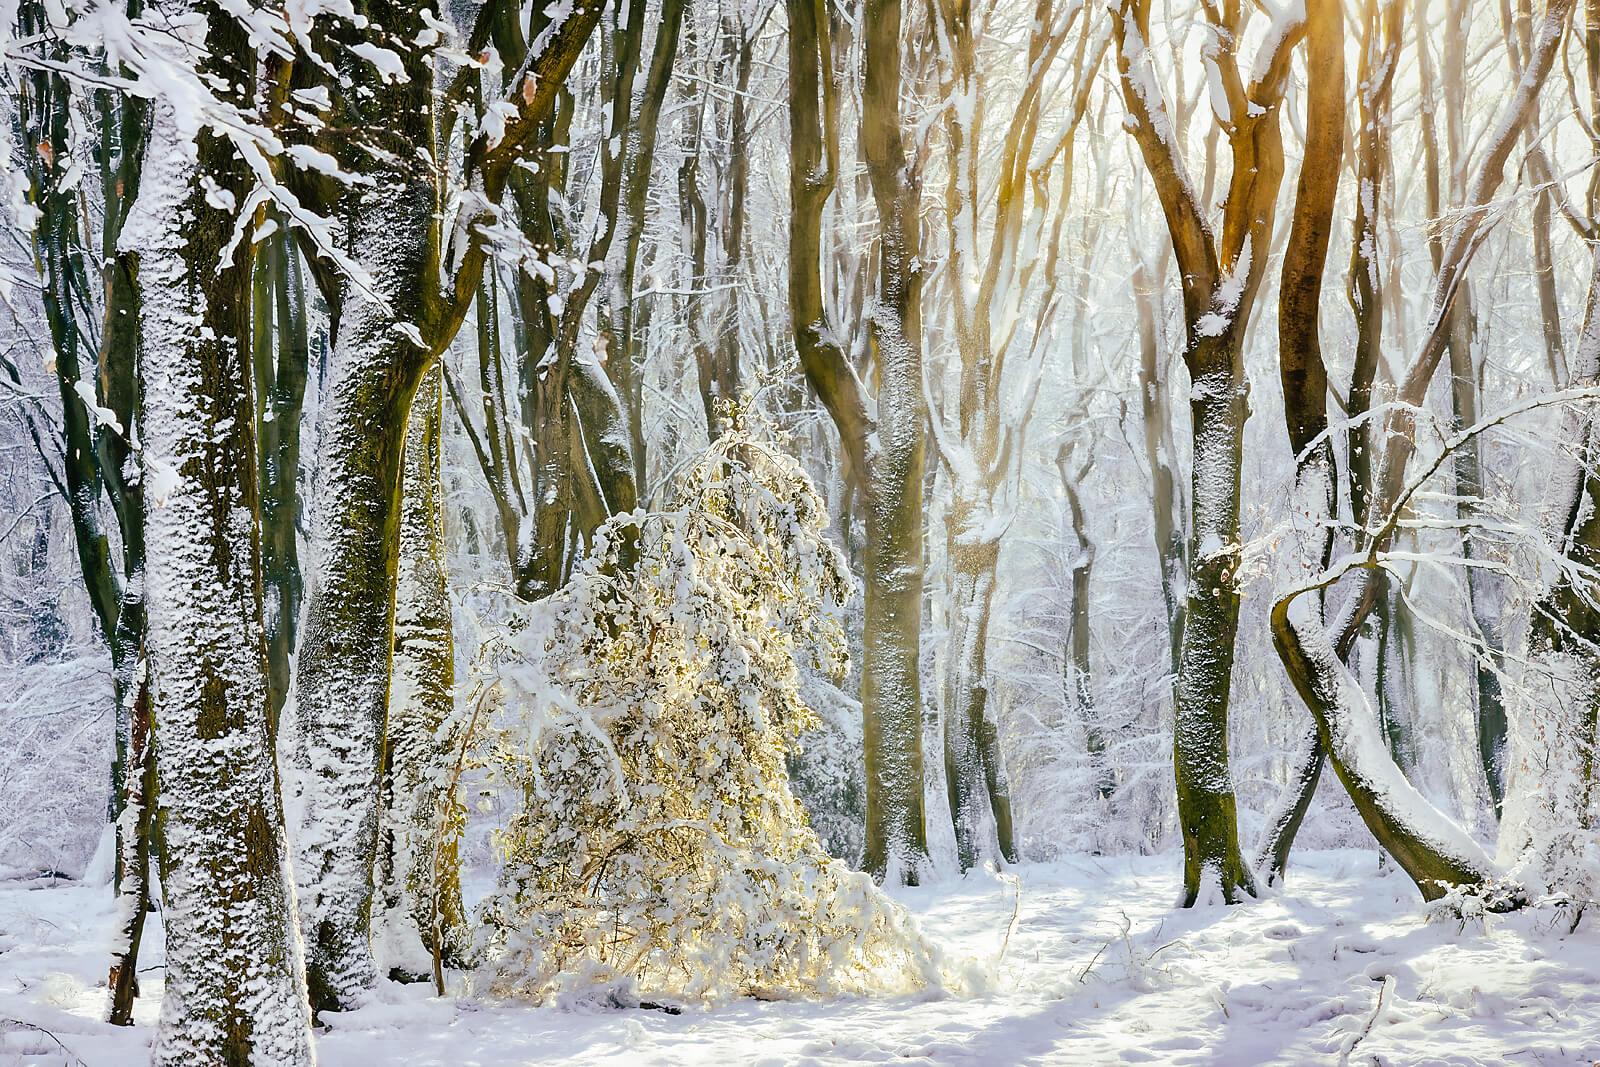 Winter Queen's Gown